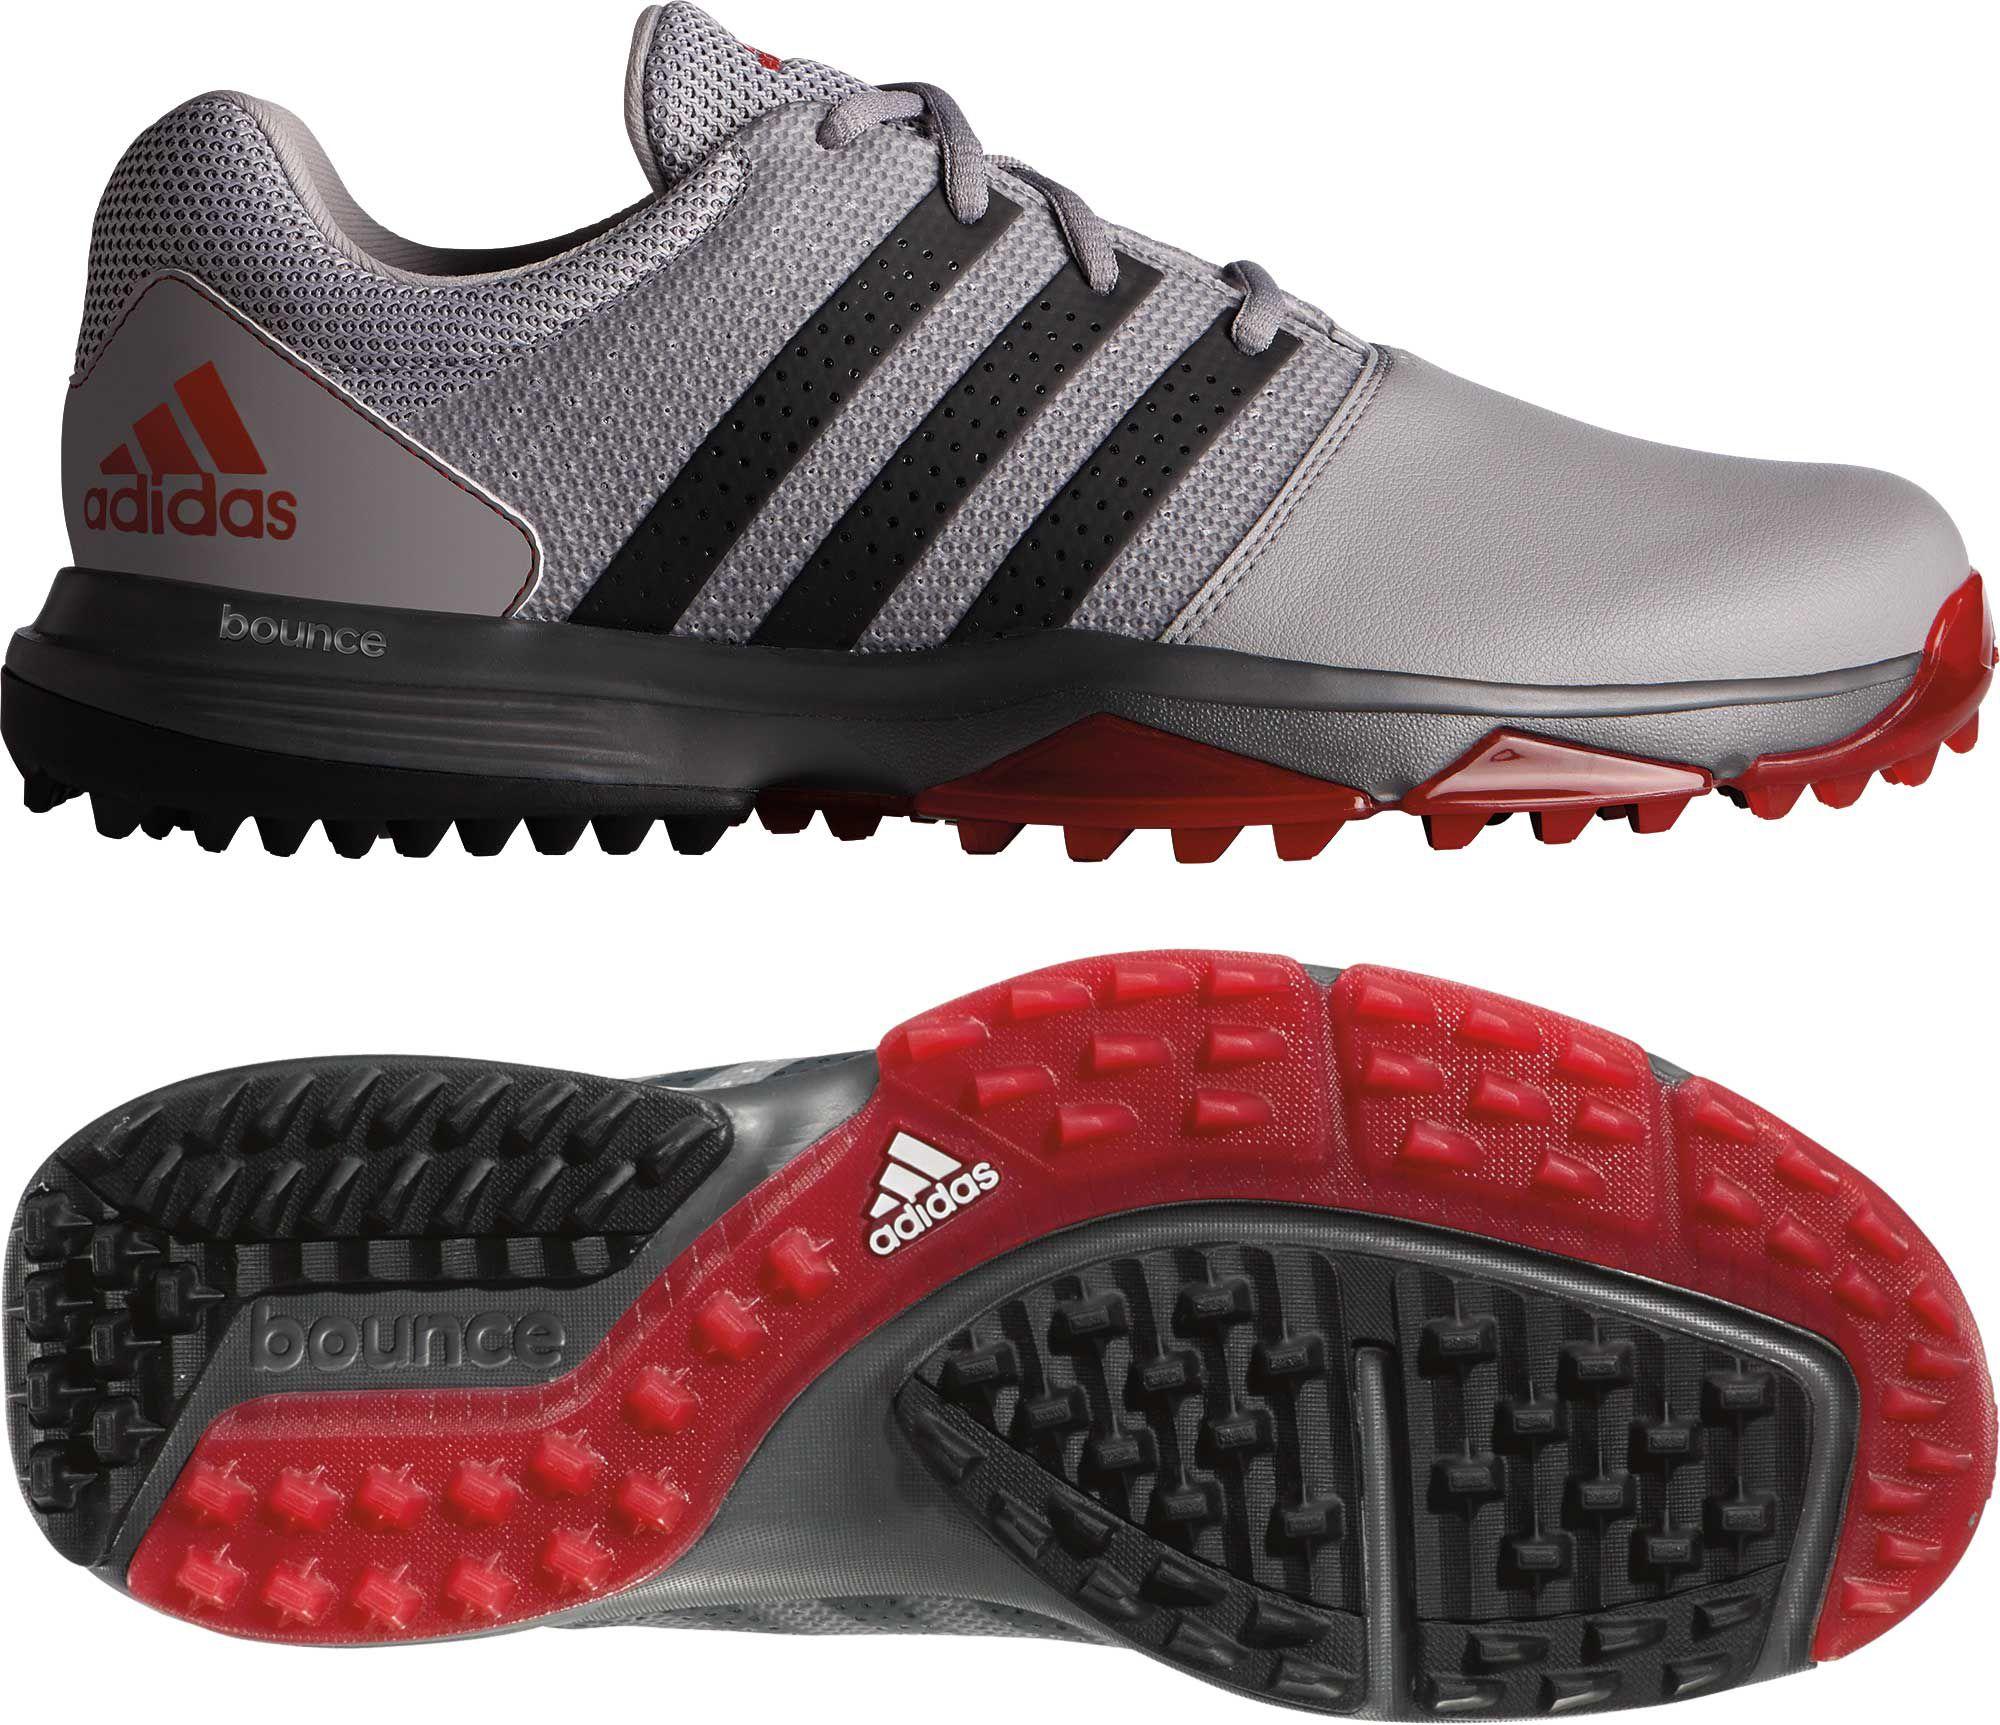 cheap for discount ff80b 2c9cf adidas Mens 360 TRAXION Golf Shoes 44.98